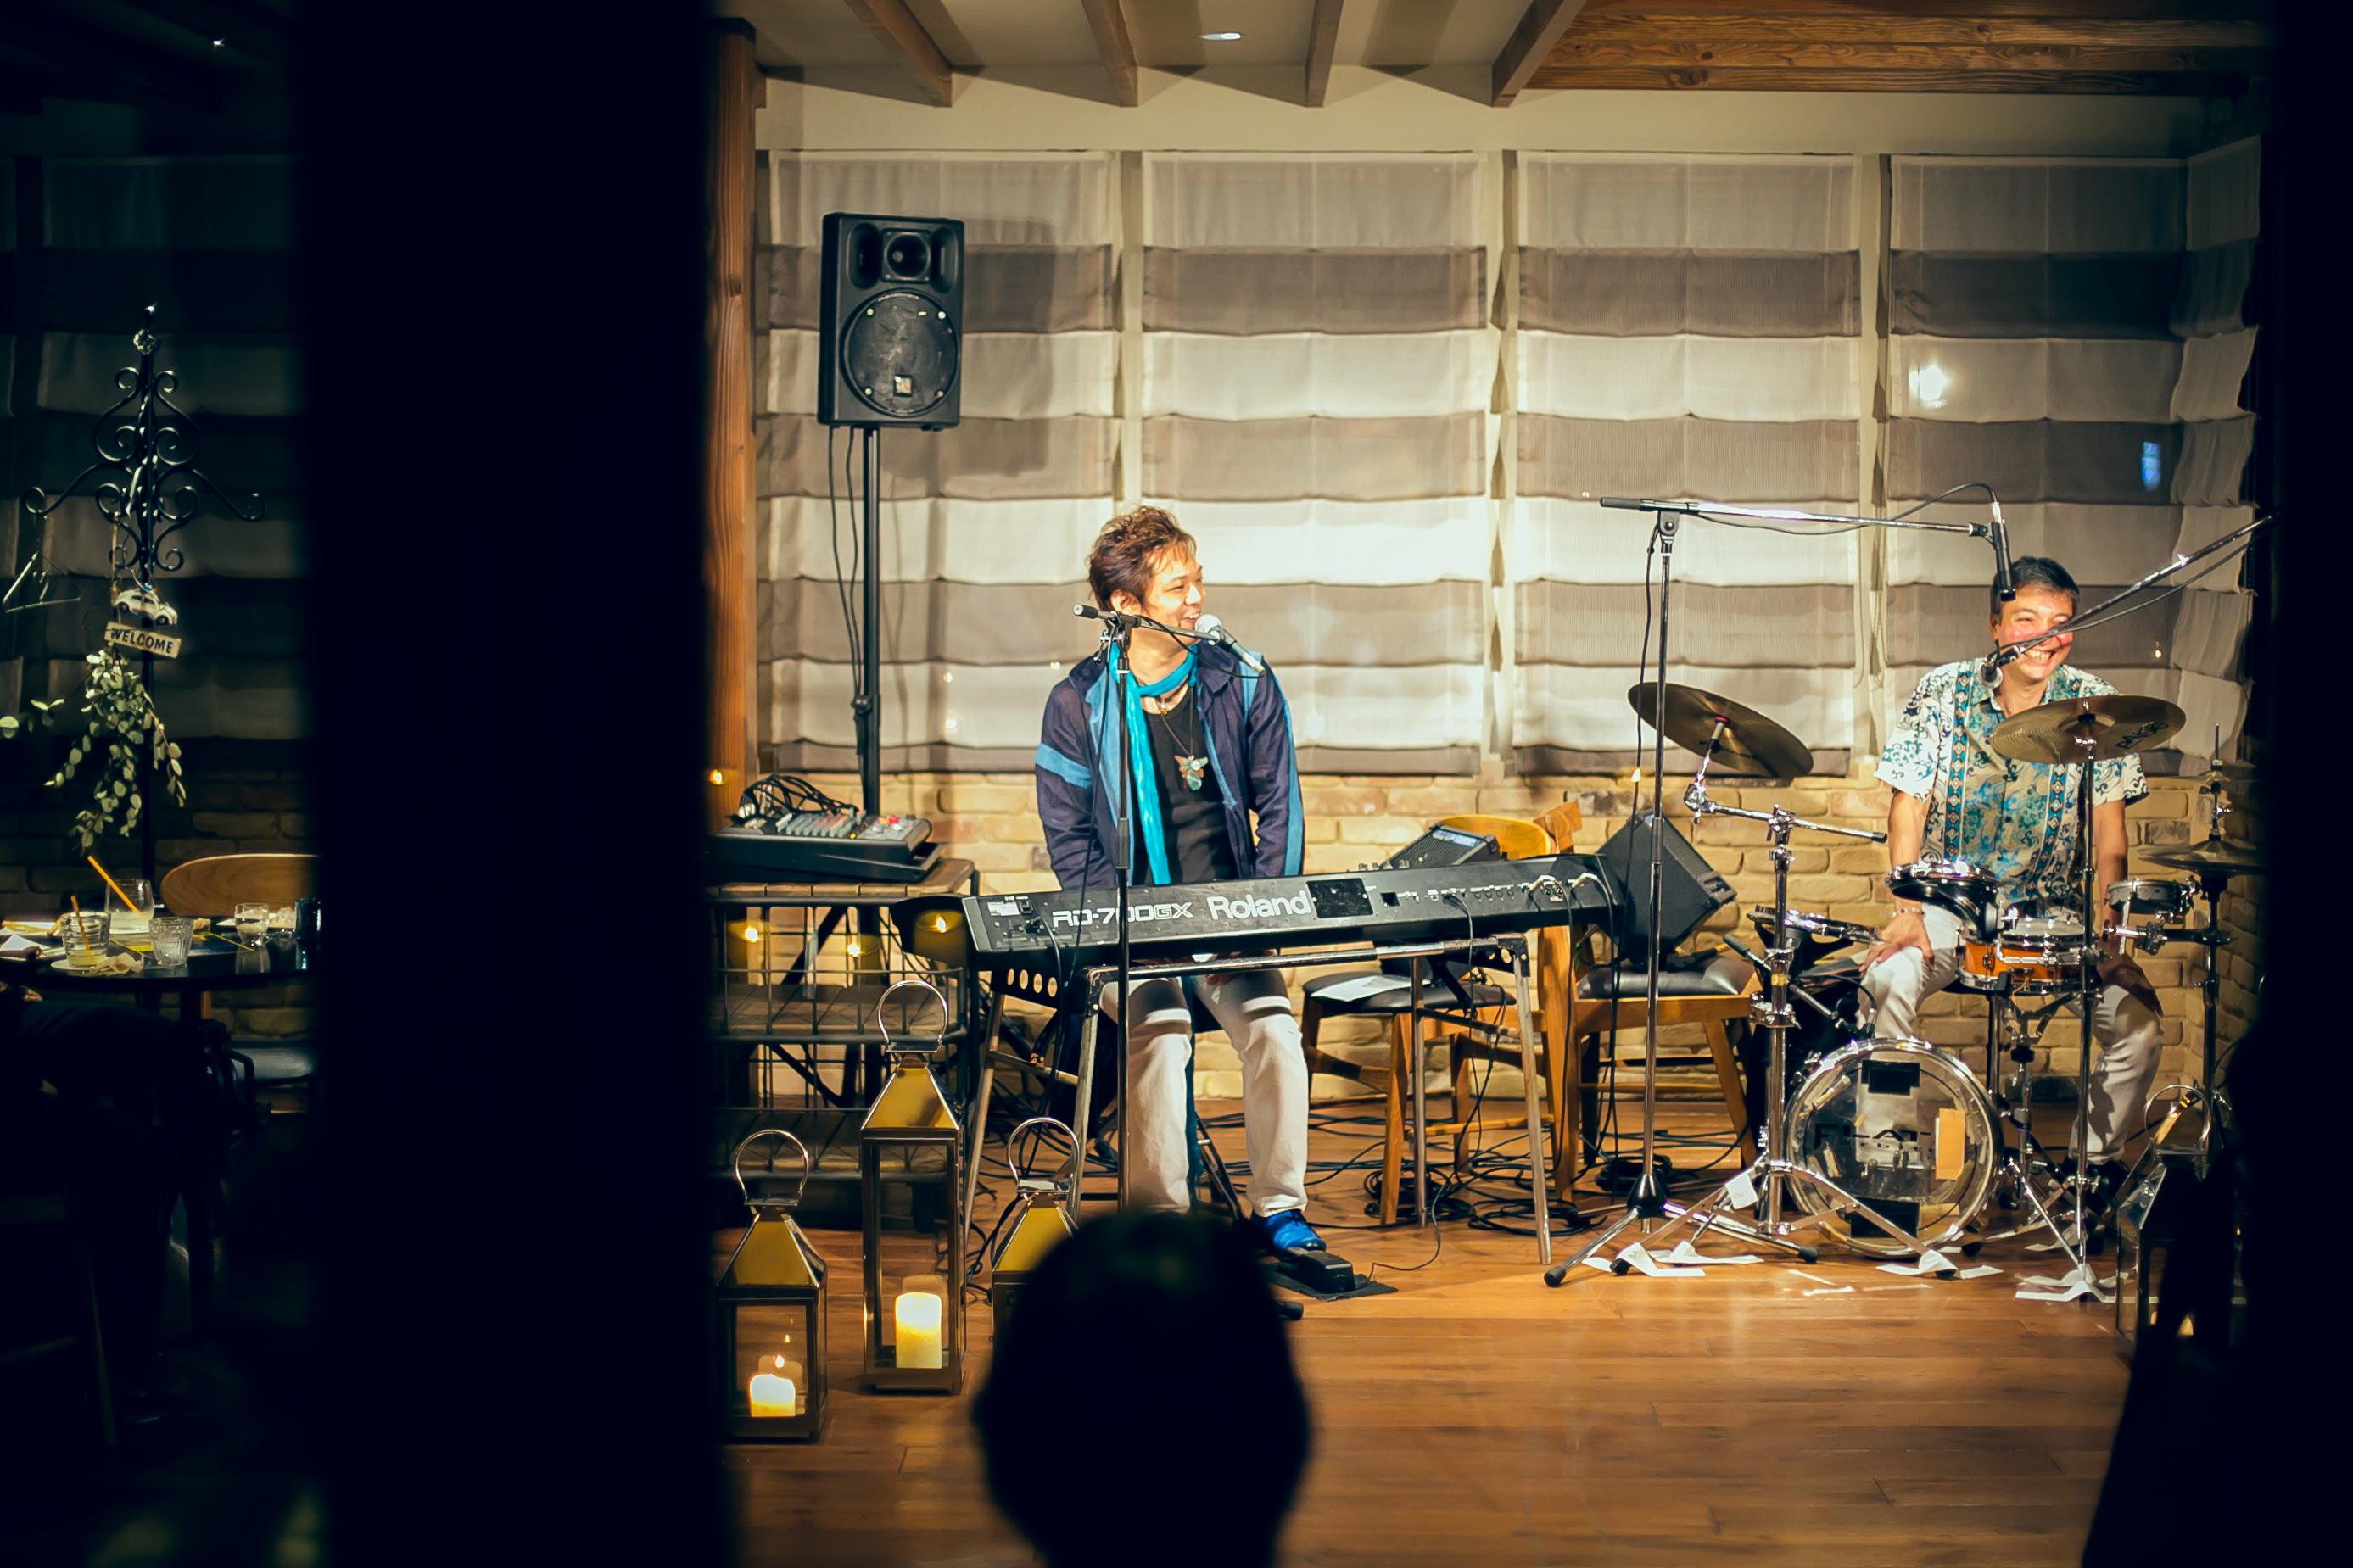 キャンドルナイトコンサート@那須ビール園